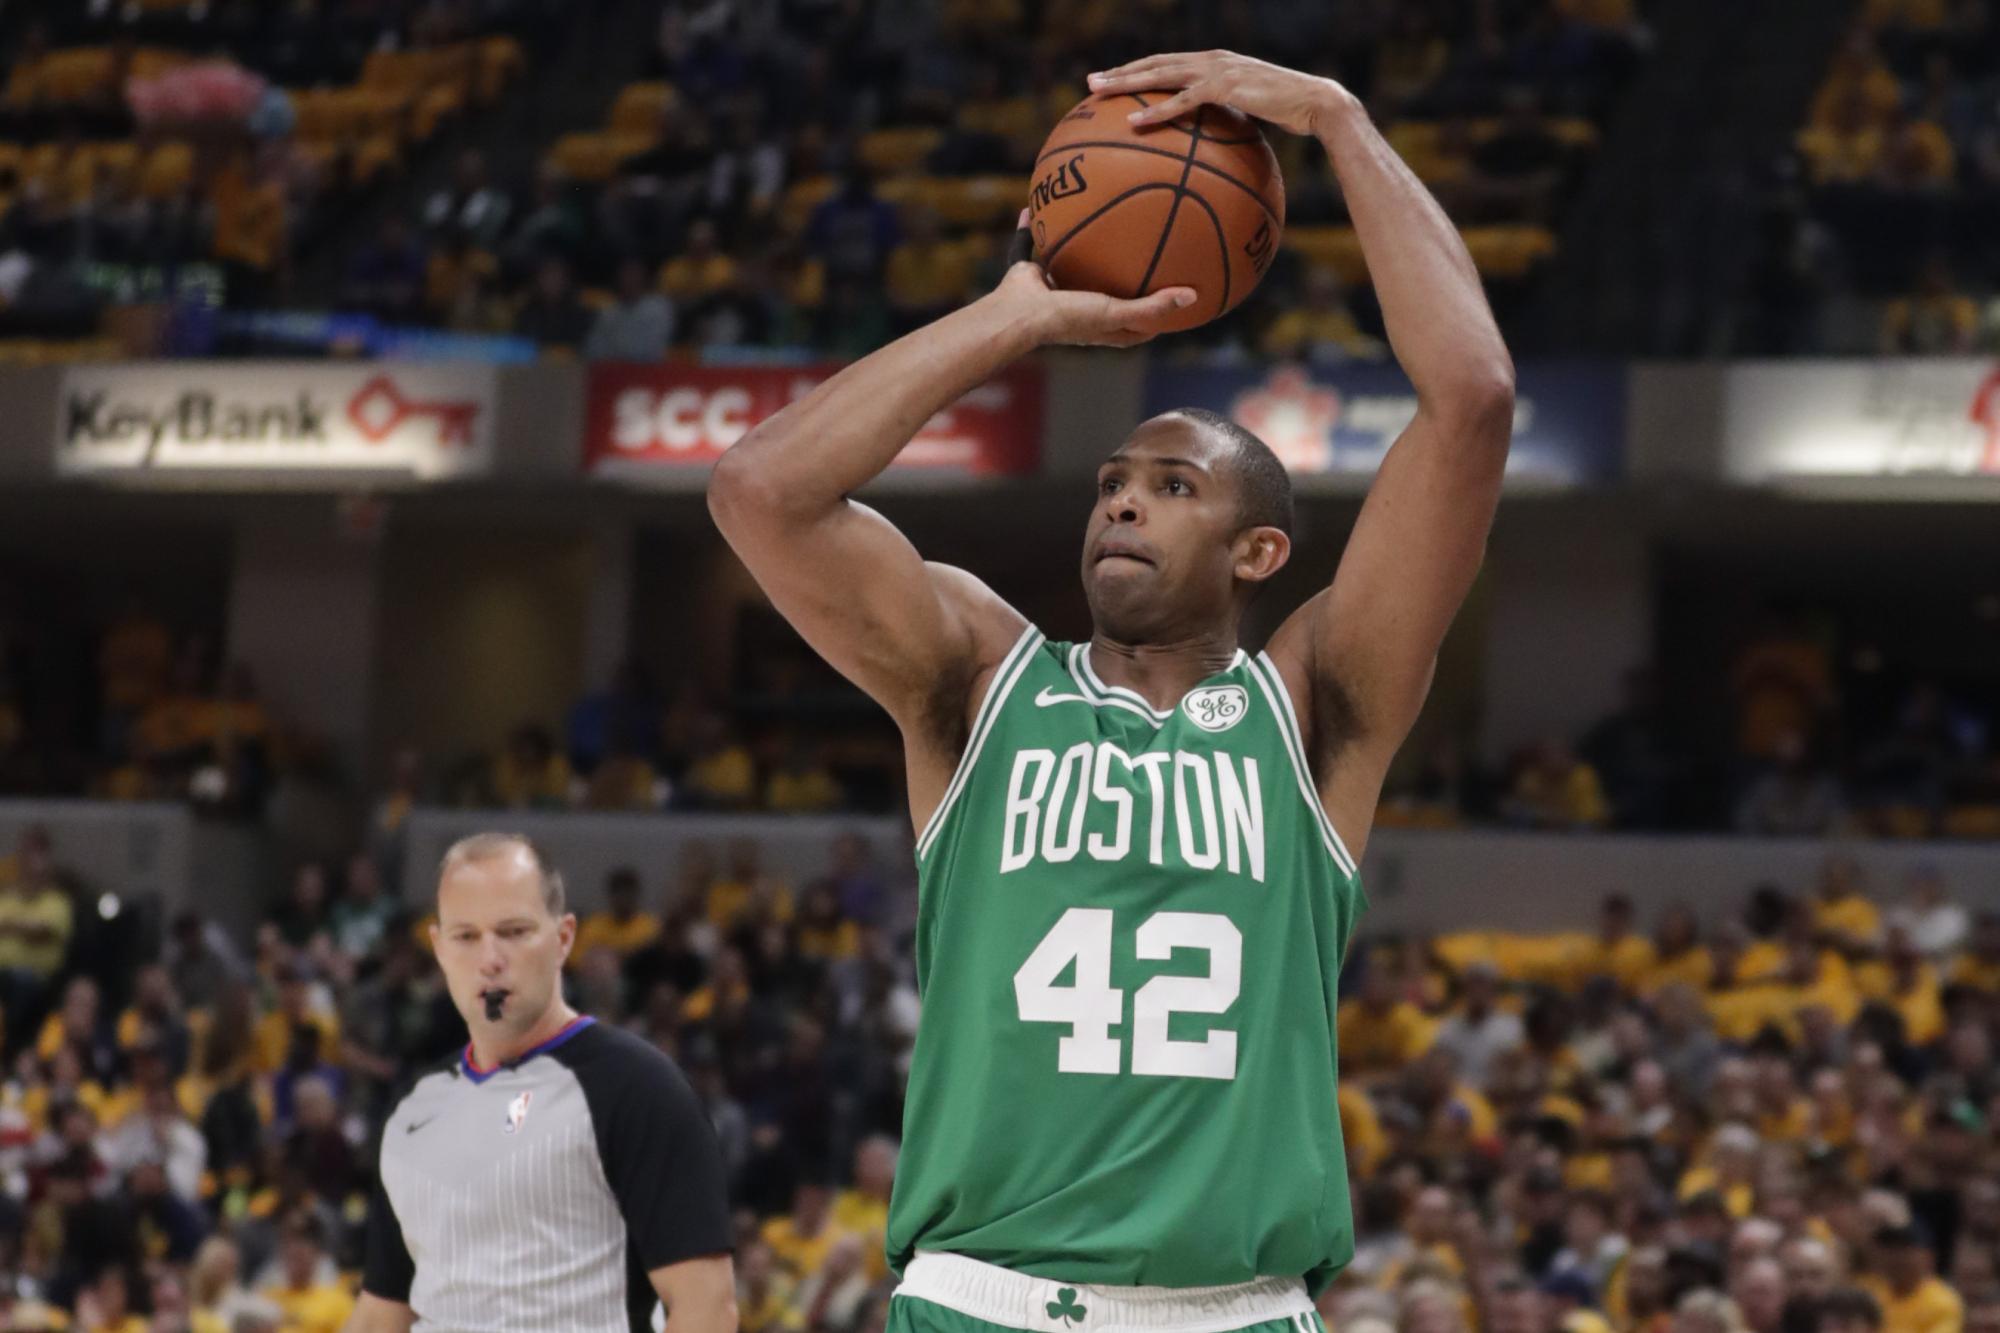 Tin buồn cho người hâm mộ Boston khi Trung phong kỳ cựu Al Horford nhiều khả năng sẽ chia tay Celtics